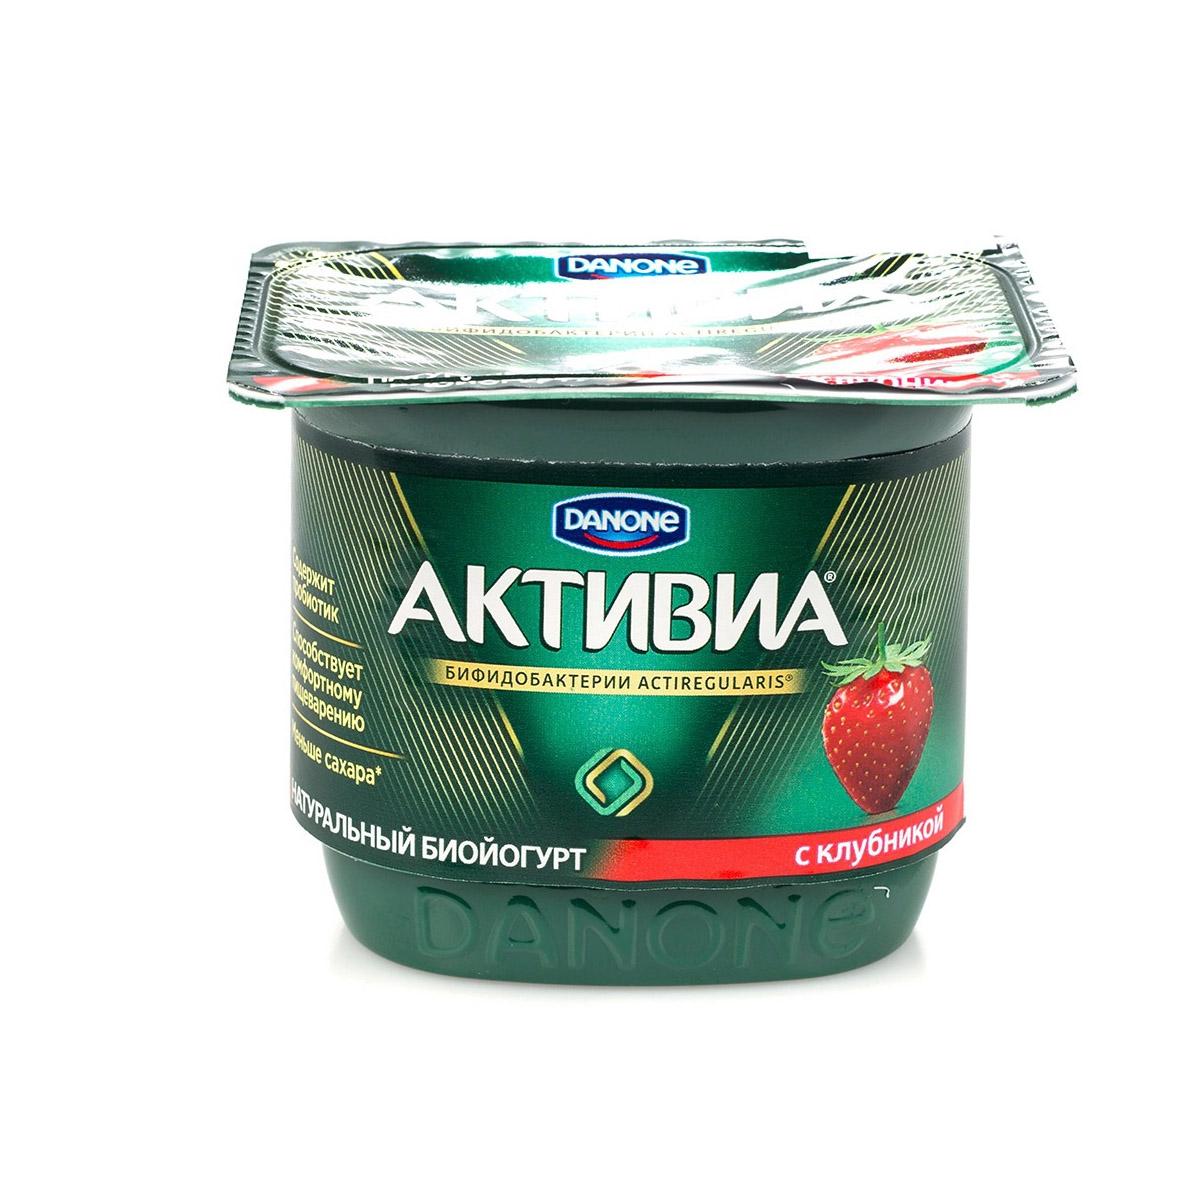 Бифидойогурт